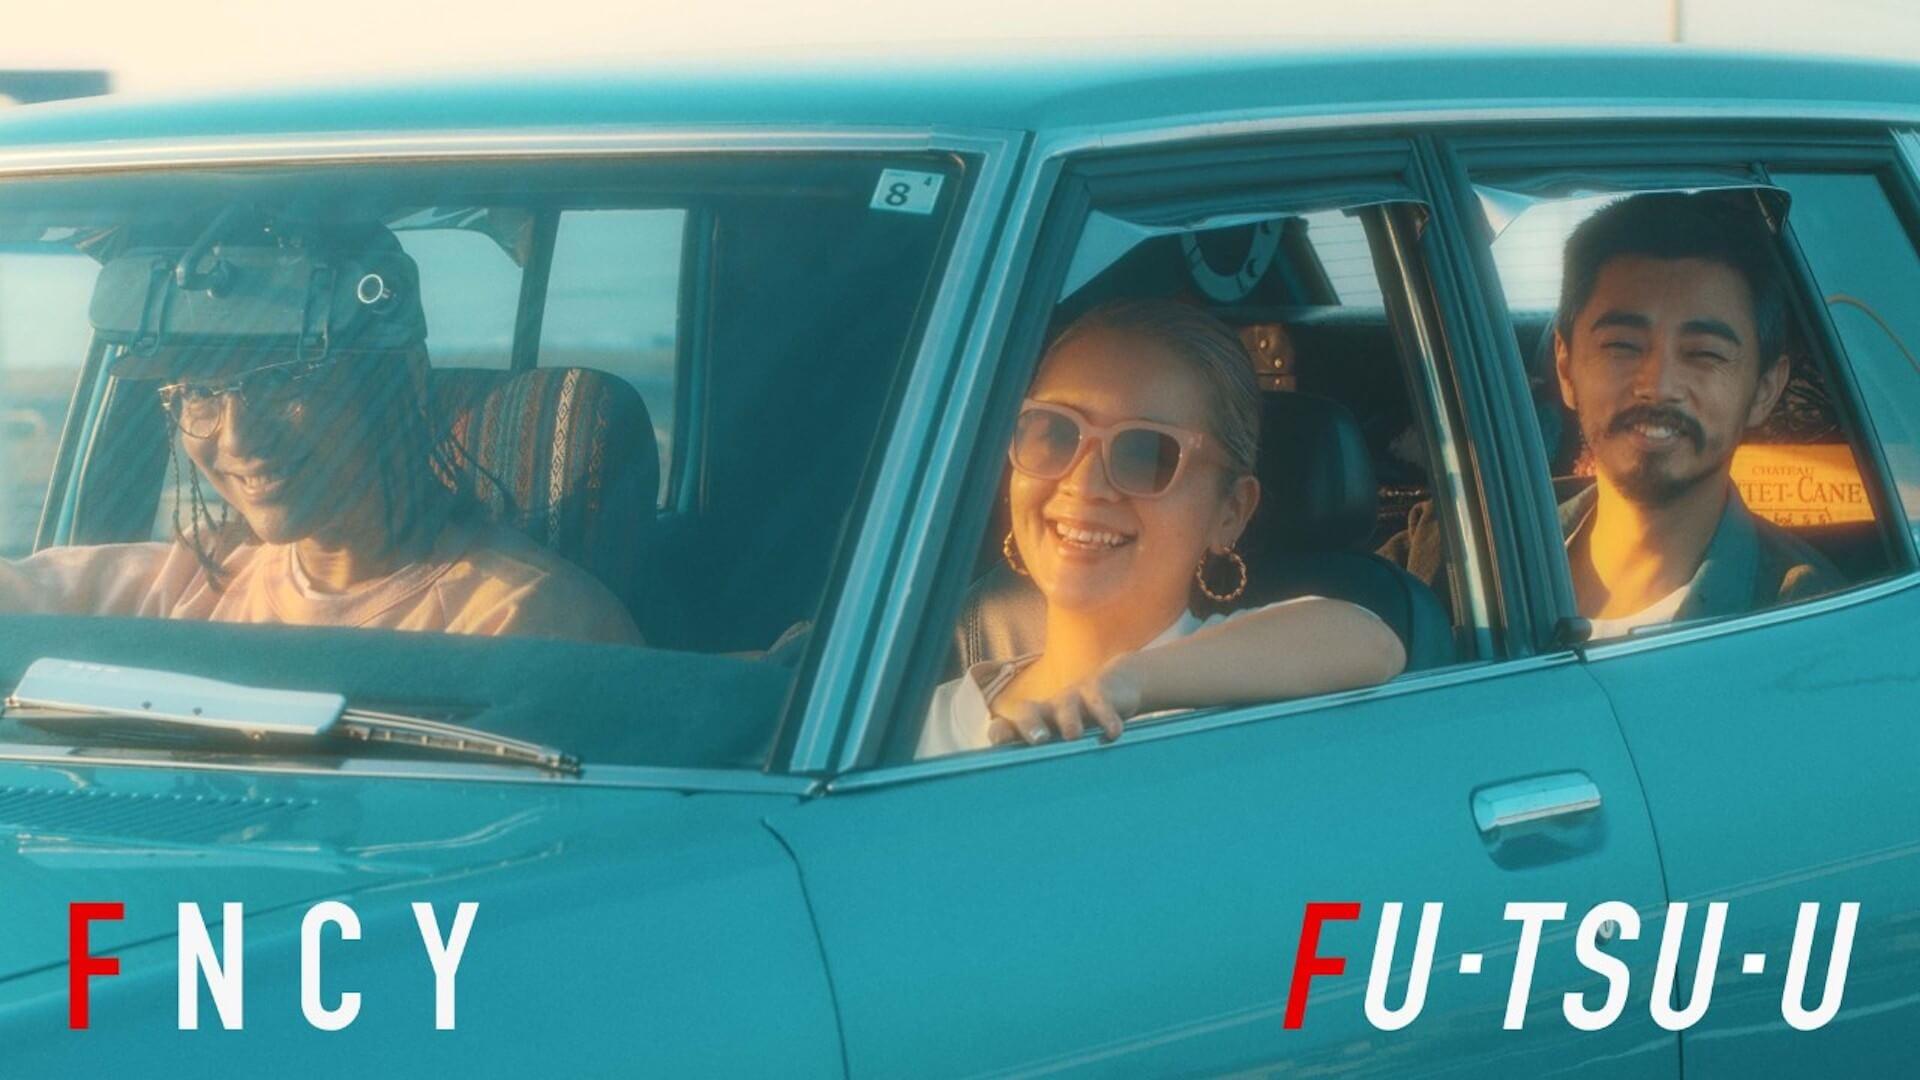 """FNCYの2ndアルバム『FNCY BY FNCY』収録曲""""FU-TSU-U(NEW NORMAL)""""のMVが公開!Mr.麿が監督 music210916_fncy_1"""